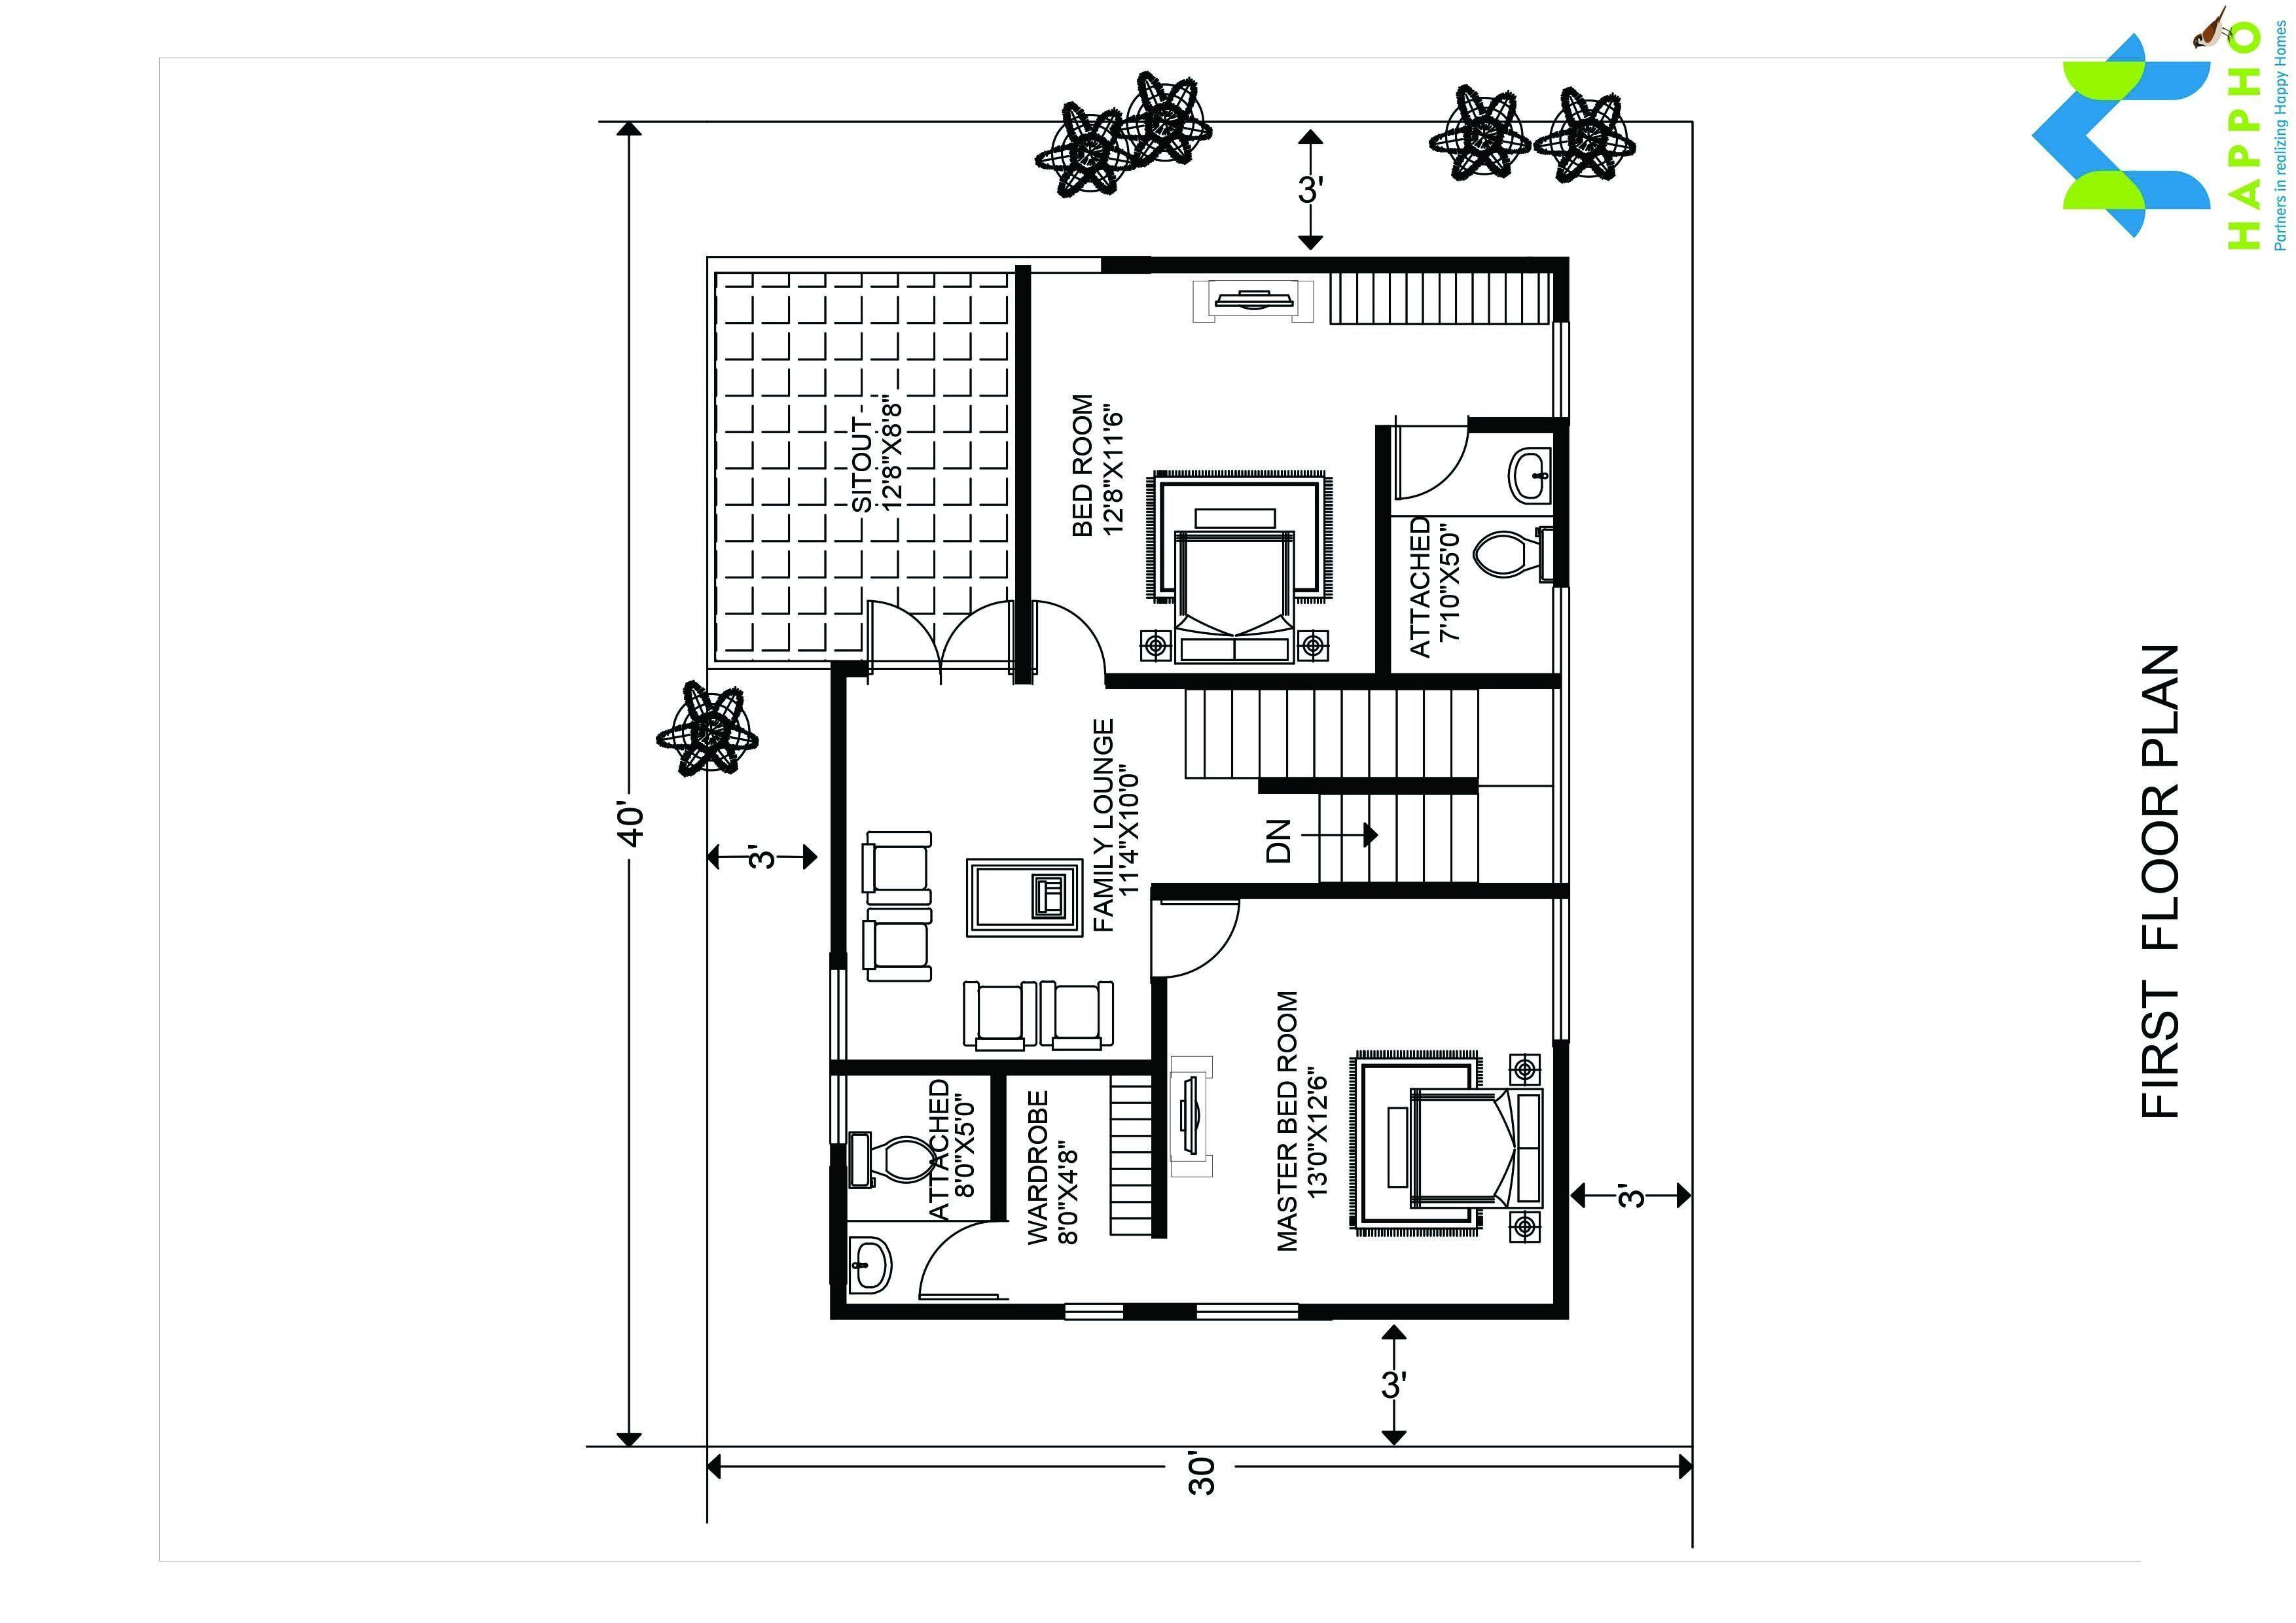 1 bhk floor plan for 20 x 40 feet plot 800 square feet for House plan for 30 feet by 40 feet plot